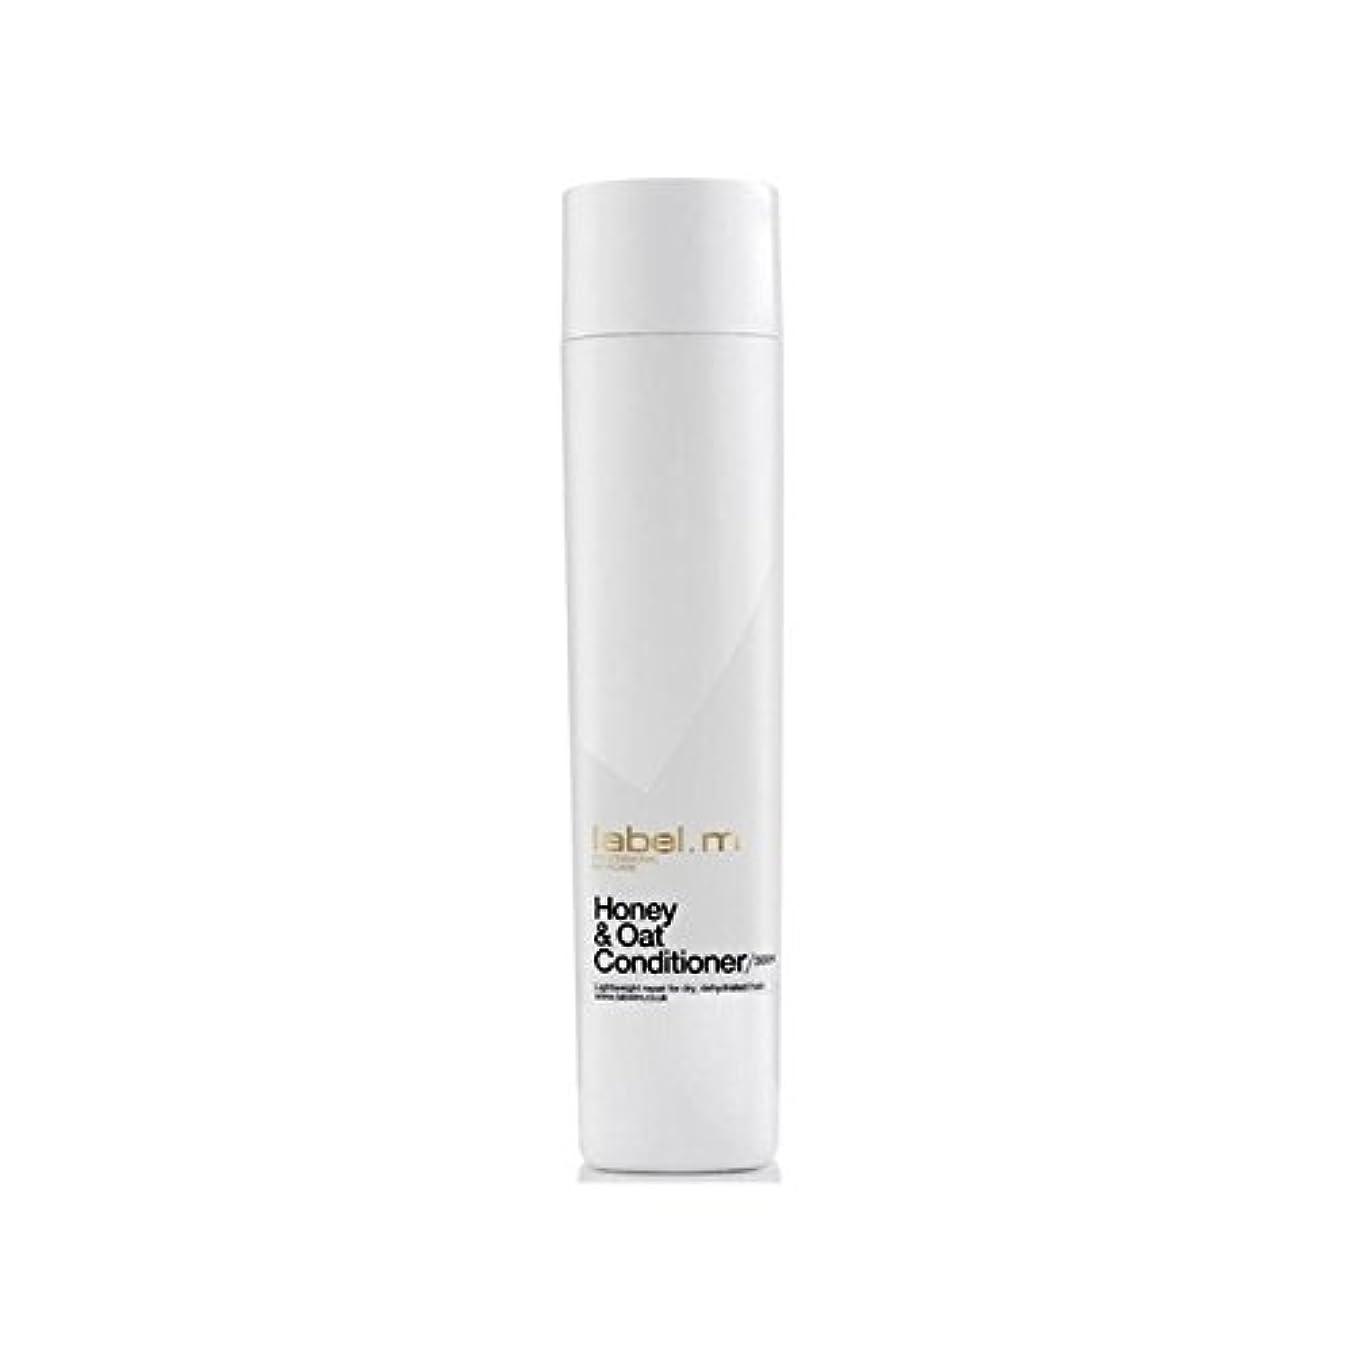 油農学不従順.ハニー&オーツ麦コンディショナー(300ミリリットル) x2 - Label.M Honey & Oat Conditioner (300ml) (Pack of 2) [並行輸入品]